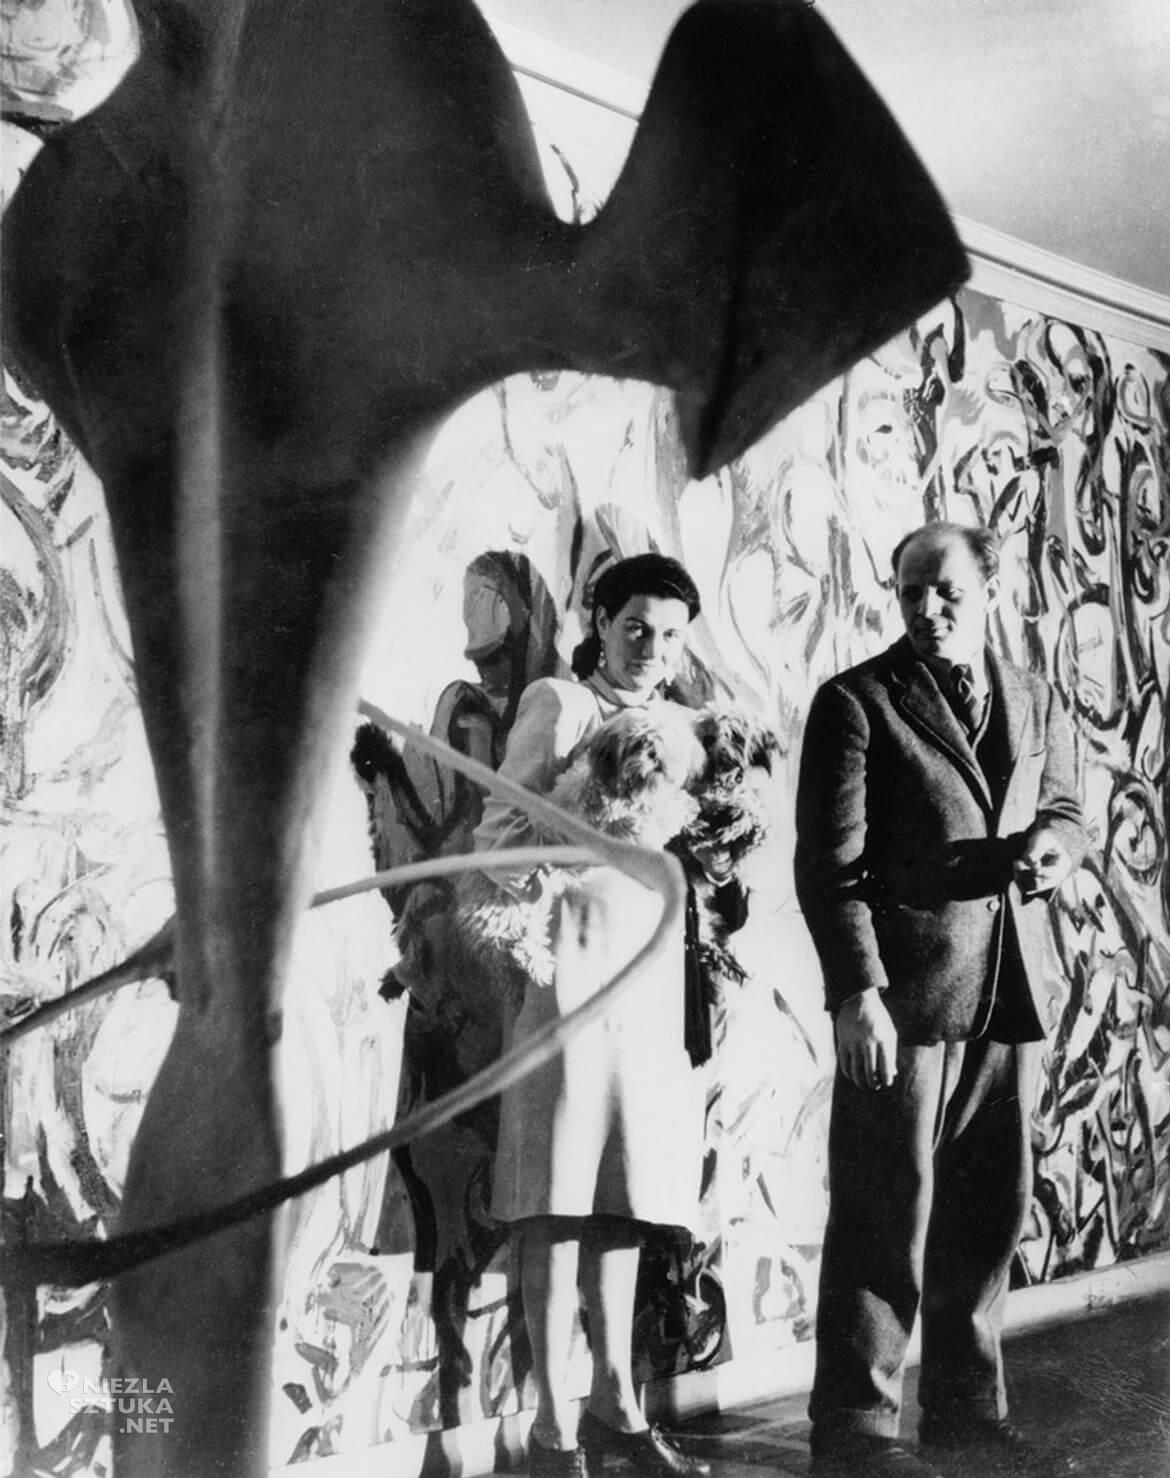 Peggy Guggenheim, Jackson Pollock, George Karger, sztuka współczesna, Niezła Sztuka